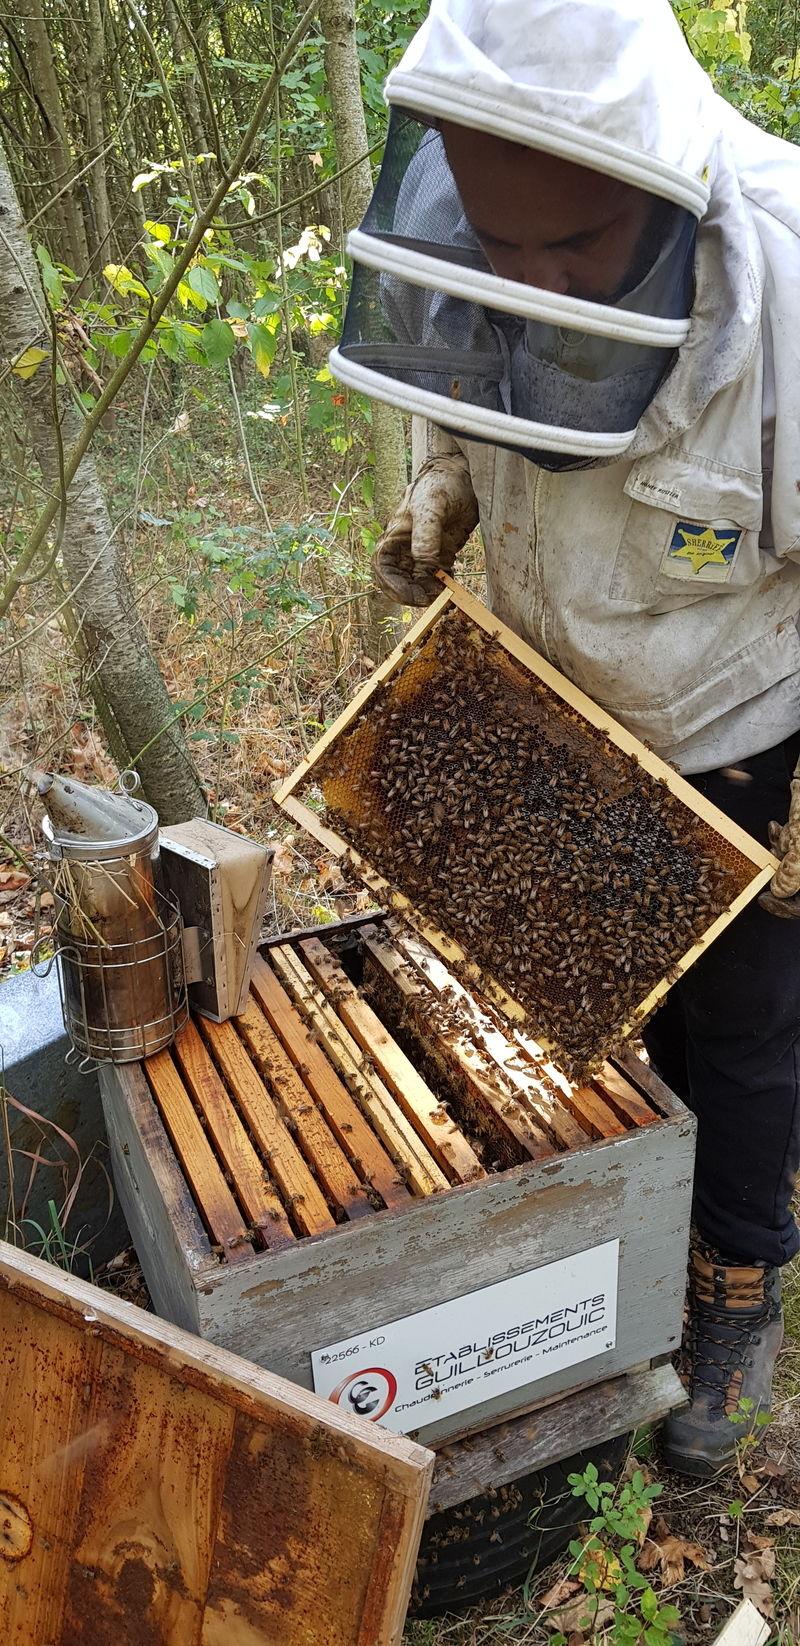 La ruche Ets guillouzouic